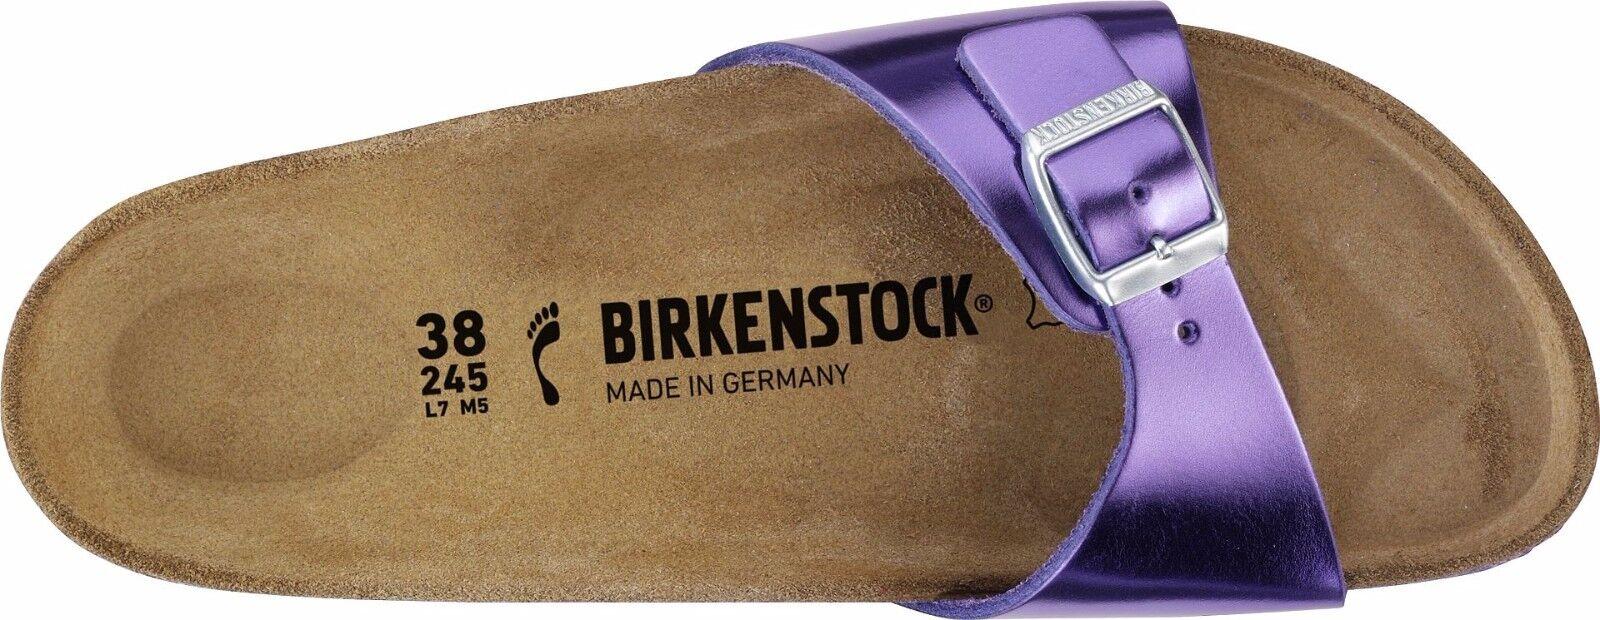 Birkenstock madrid metalizado Violet naturaleza cuero plantilla estrecho tamaño 36-42